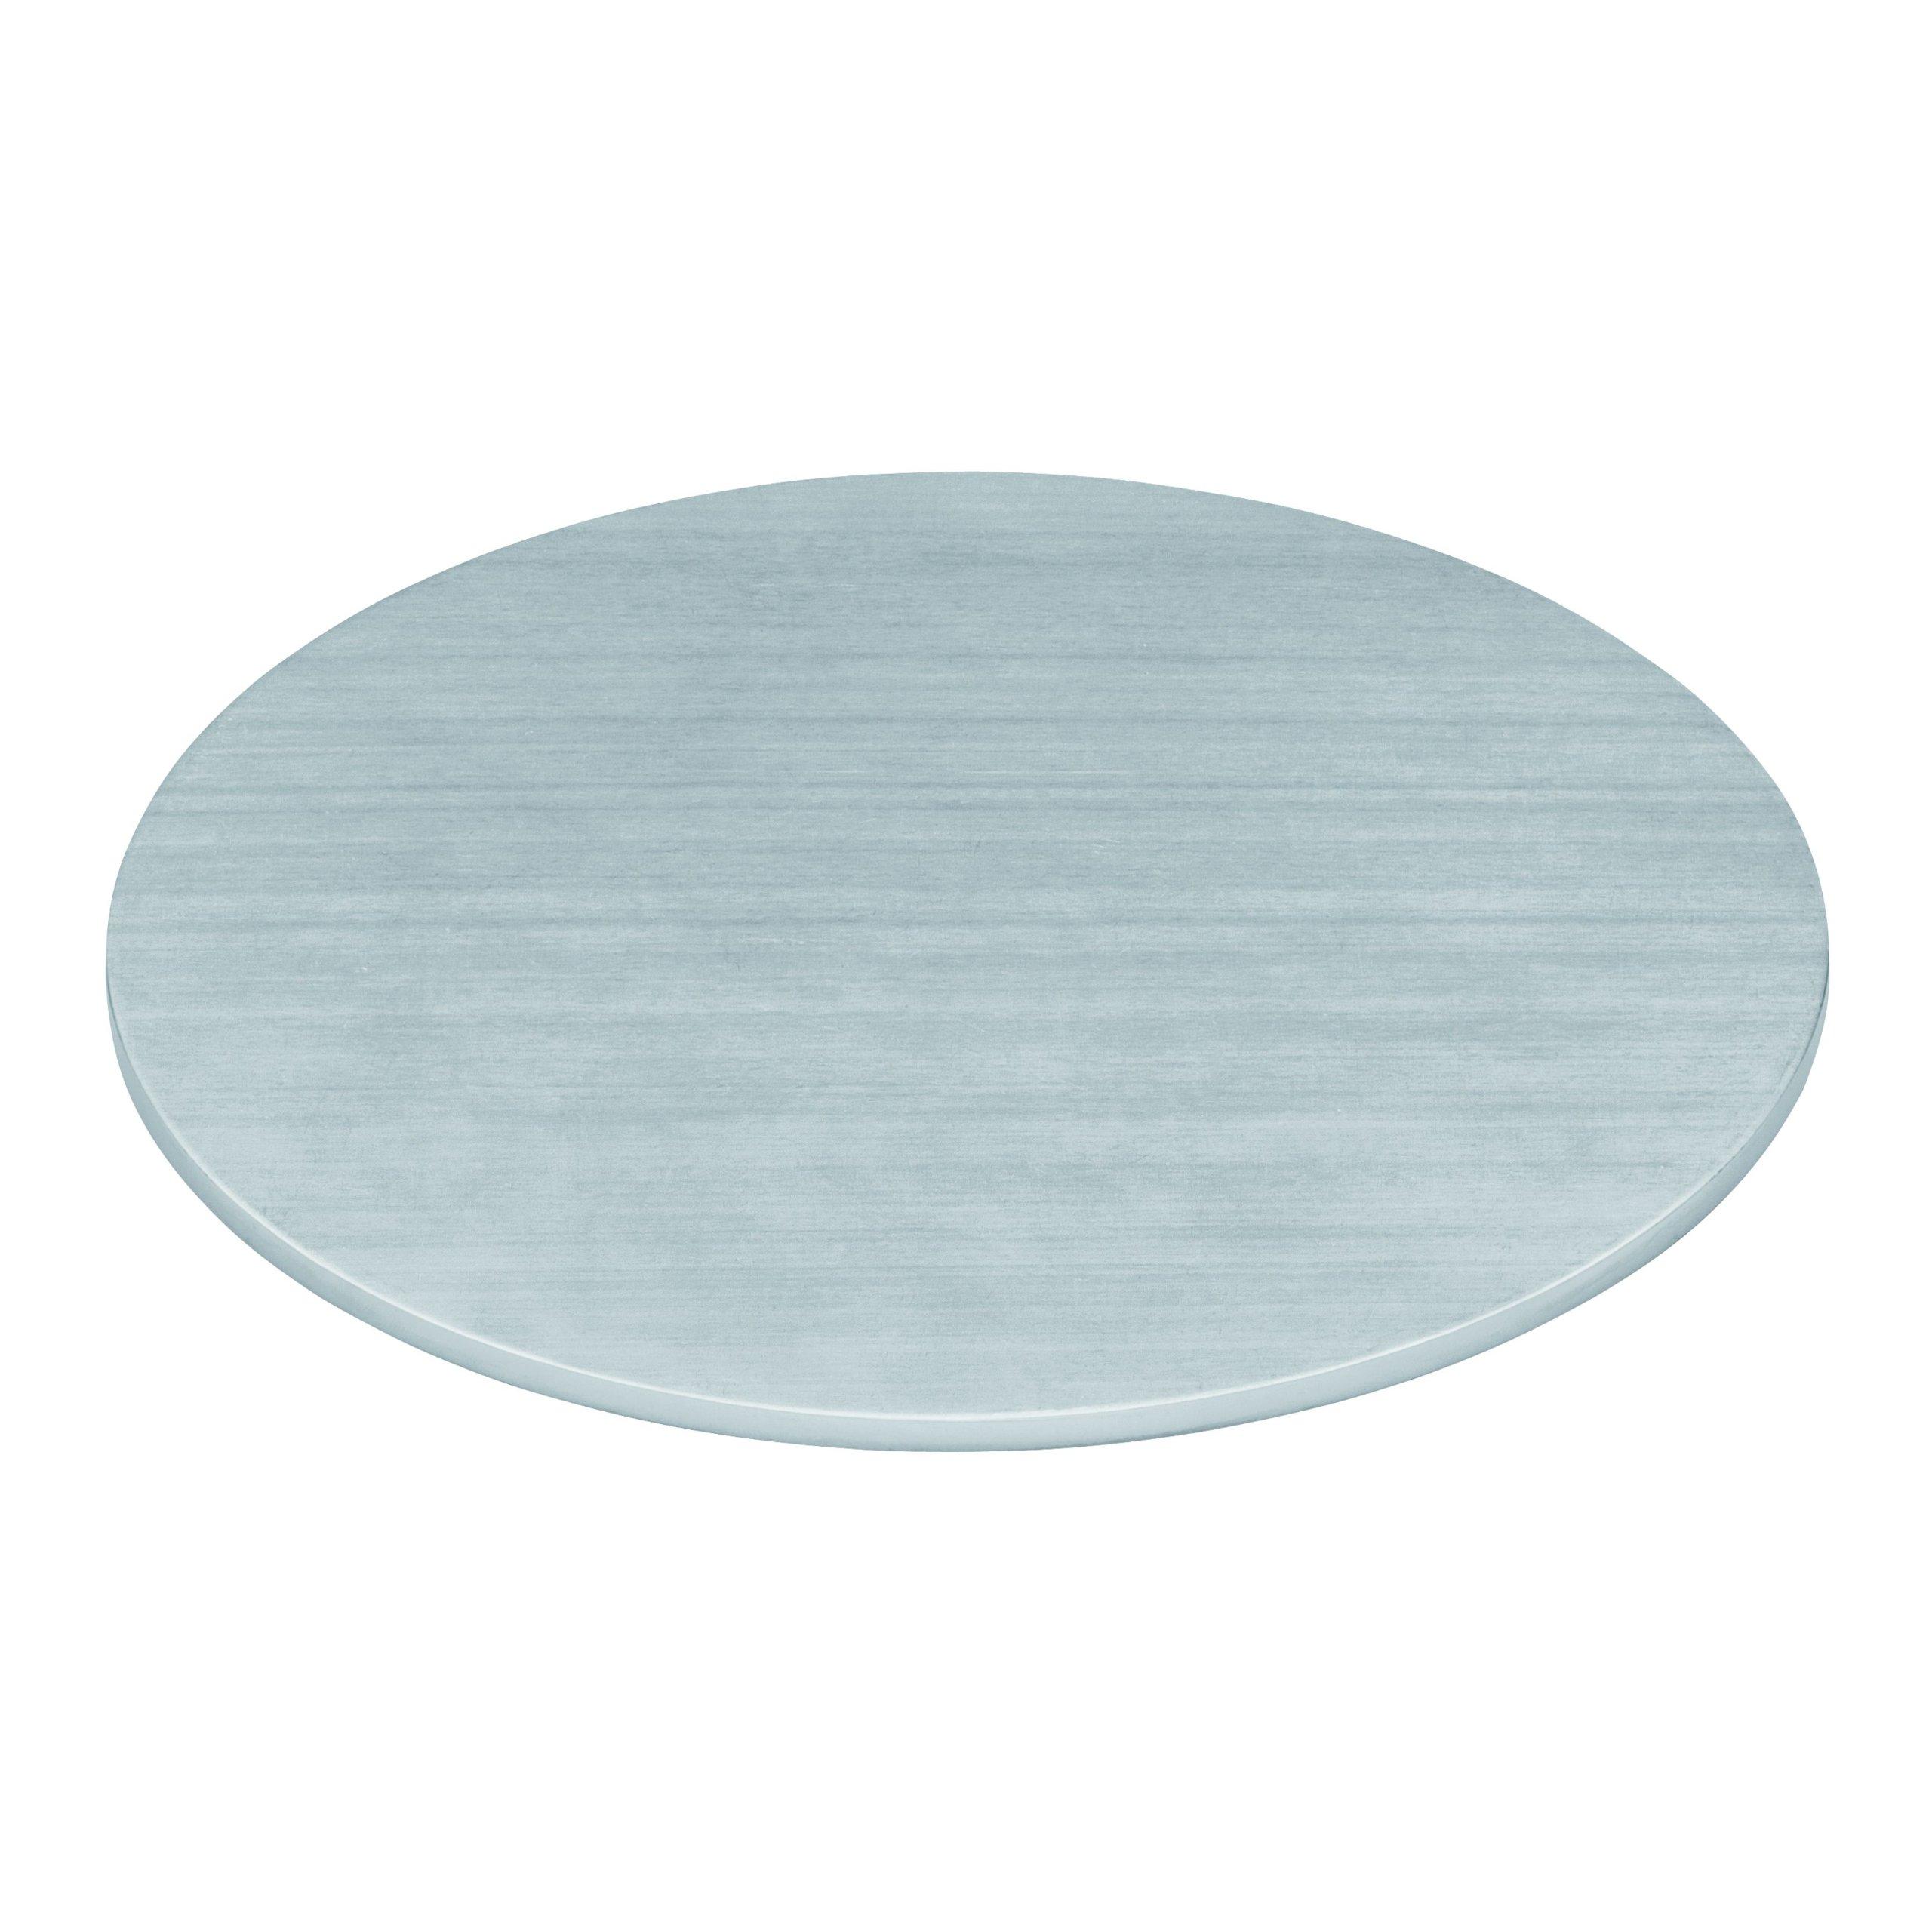 Kuhn Rikon Aluminum Transmission plate, 5.91'', Silver